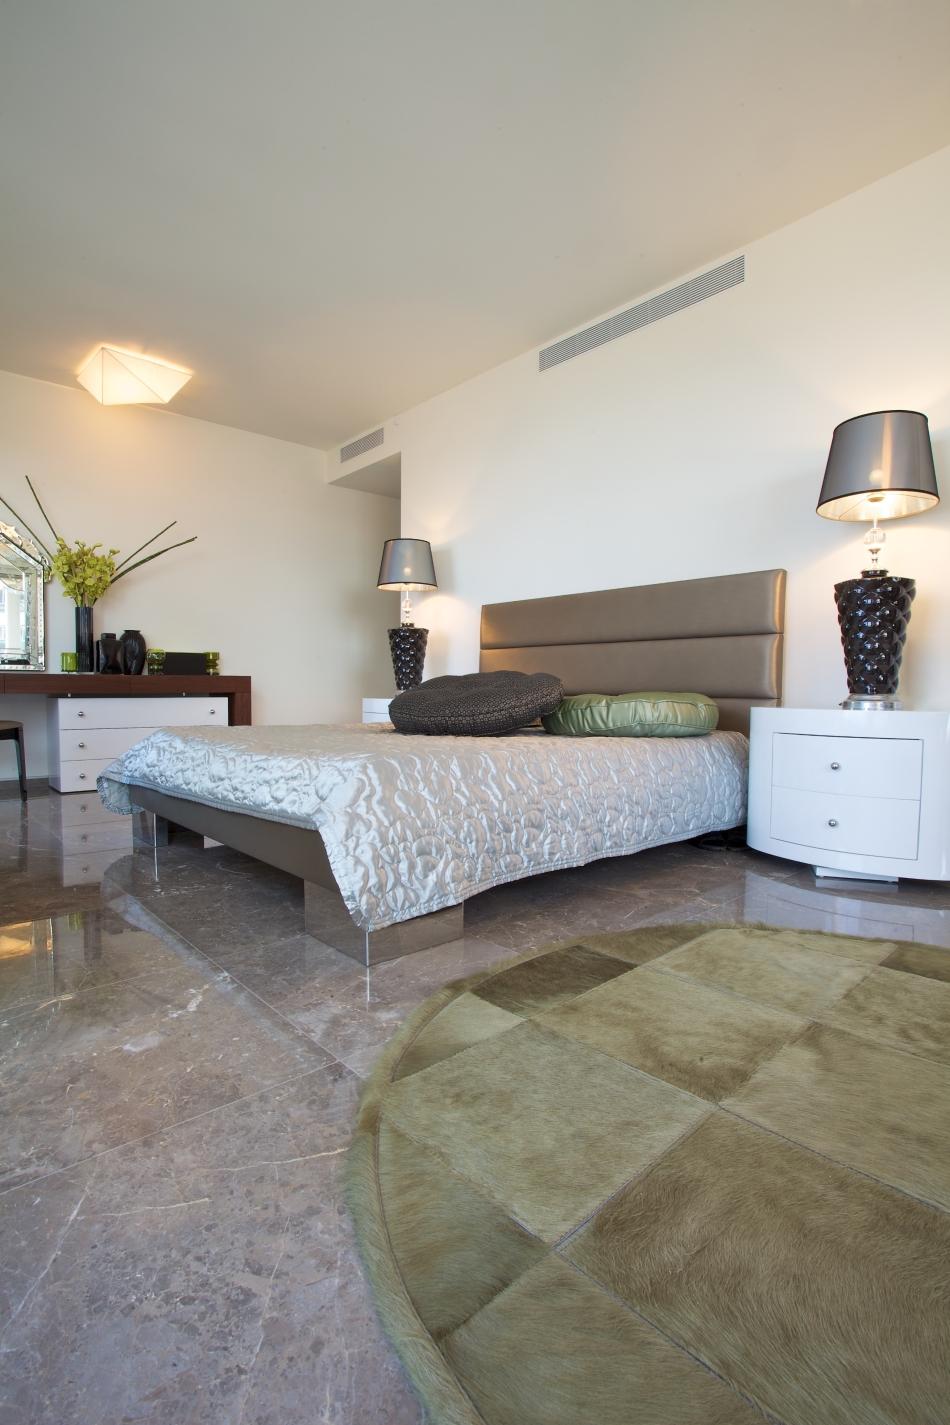 דירה במגדל YOO – חדר שינה, מראה כללי